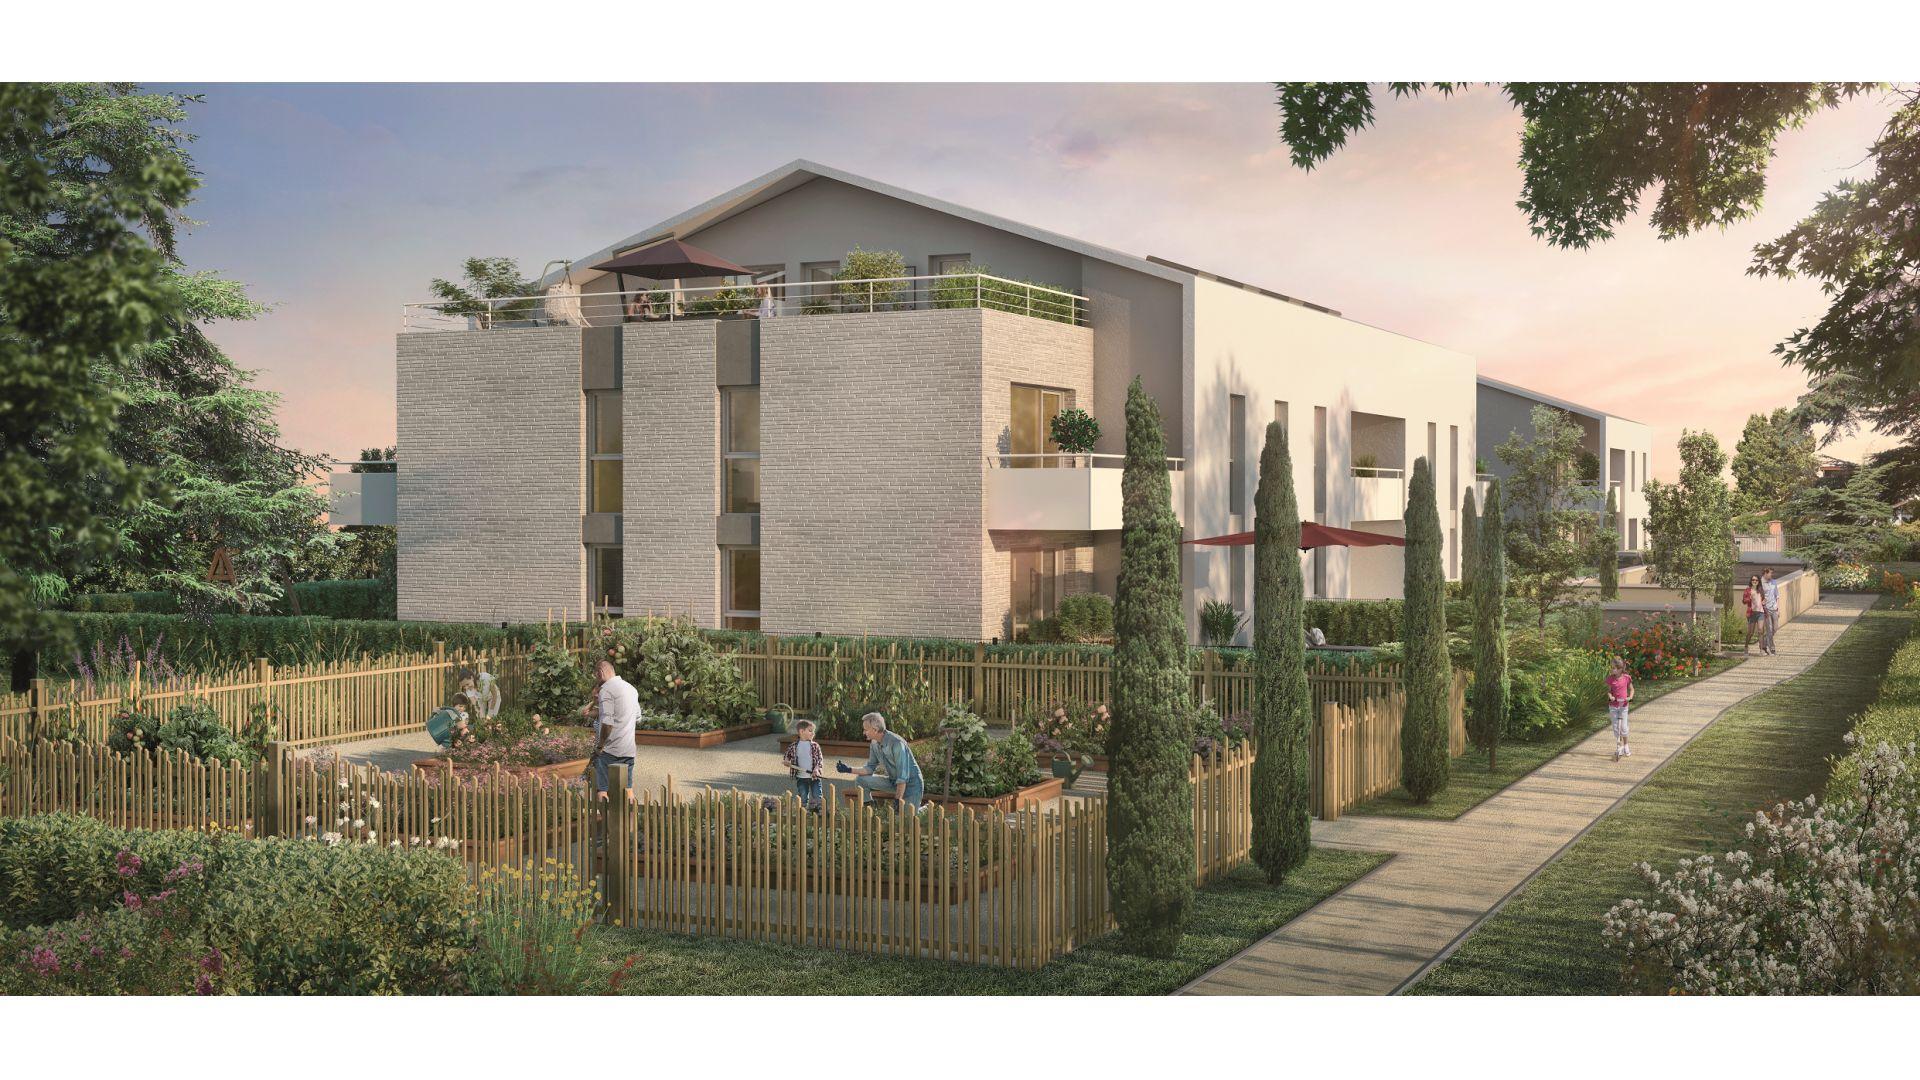 Greencity Immobilier - Toulouse Lardenne - 31100 - Les Cèdres Bleus - achat appartements du T2 au T4